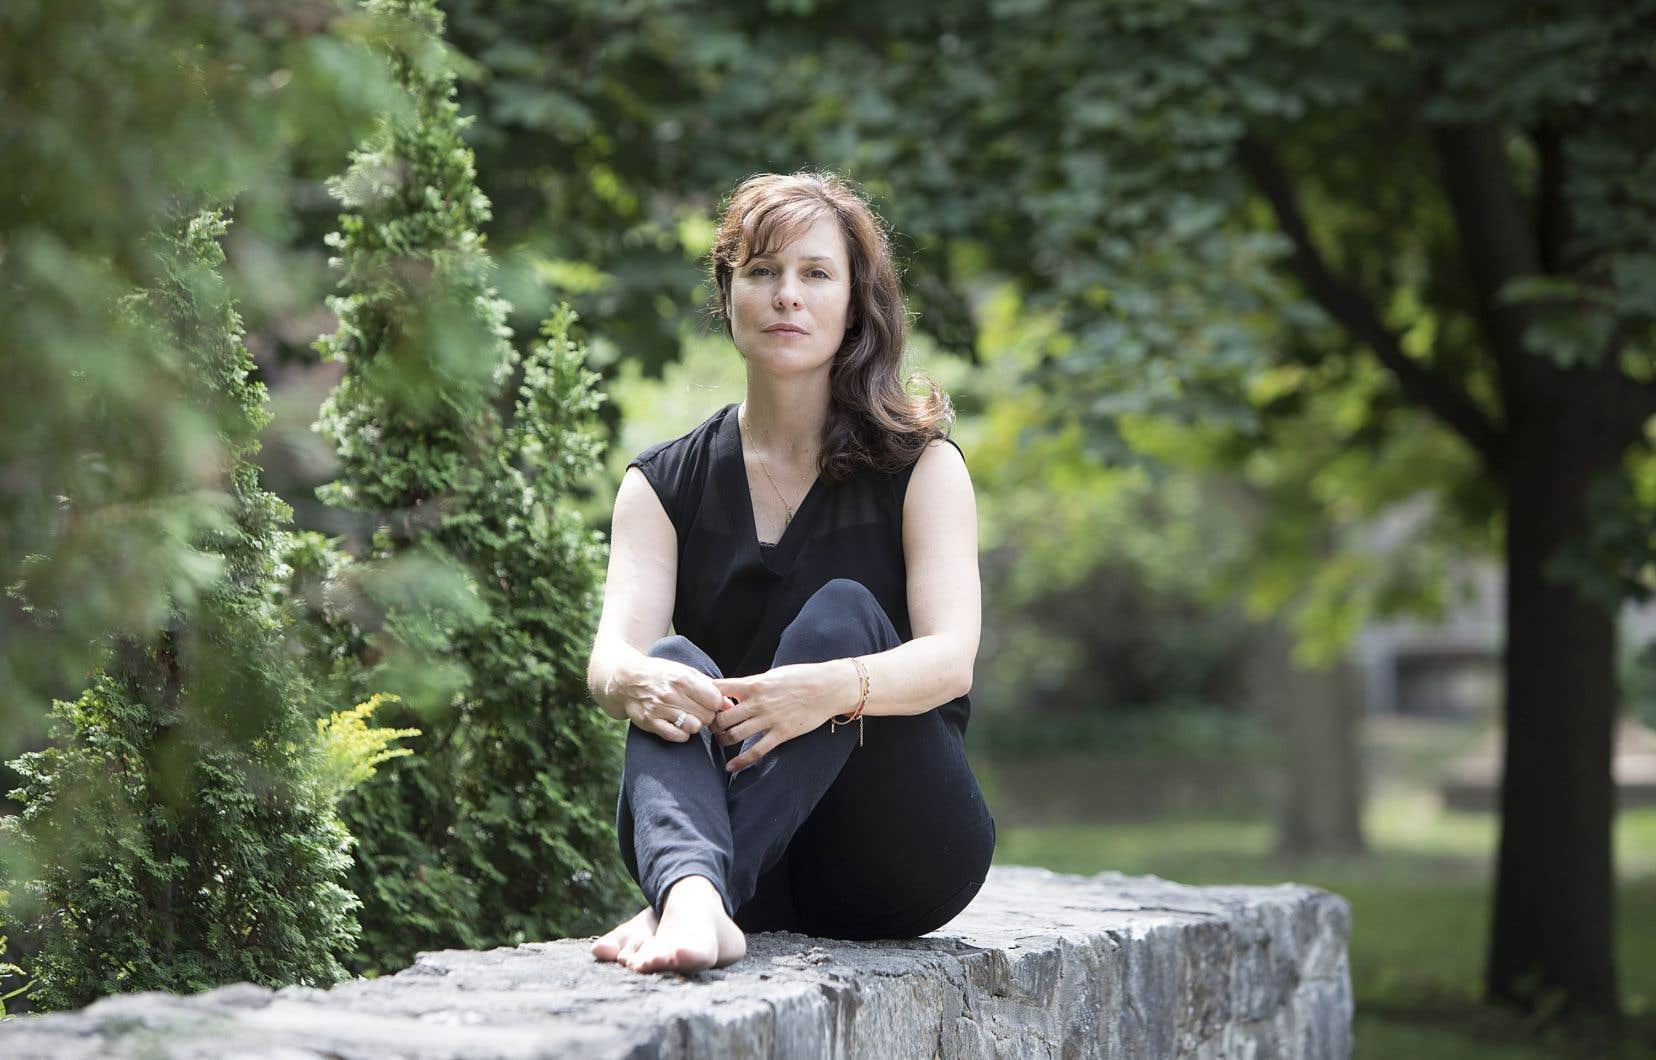 Dominique Fortier fait alterner, au fil d'une narration entre fiction et récit de soi, des épisodes imaginés de la vie d'Emily Dickinson avec le récit de sa propre installation dans une vieille maison au bord de la mer en Nouvelle-Angleterre.